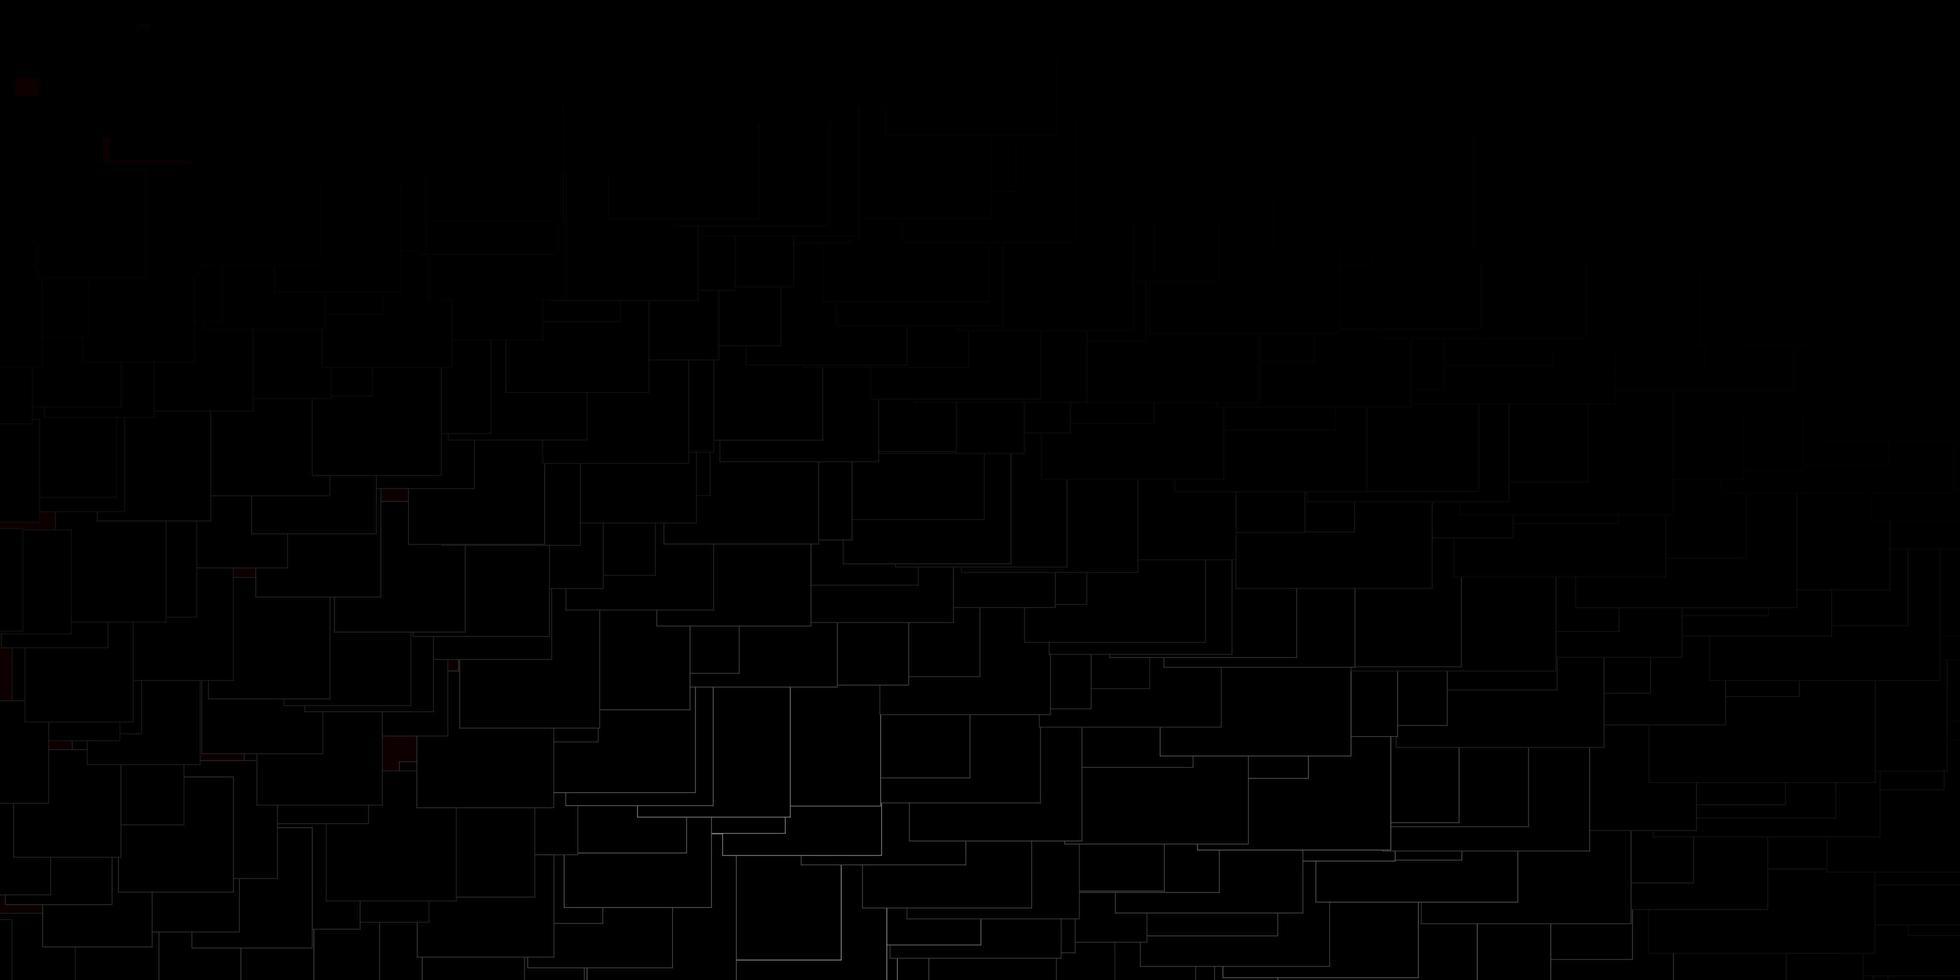 dunkelgraue Vorlage mit Rechtecken. vektor